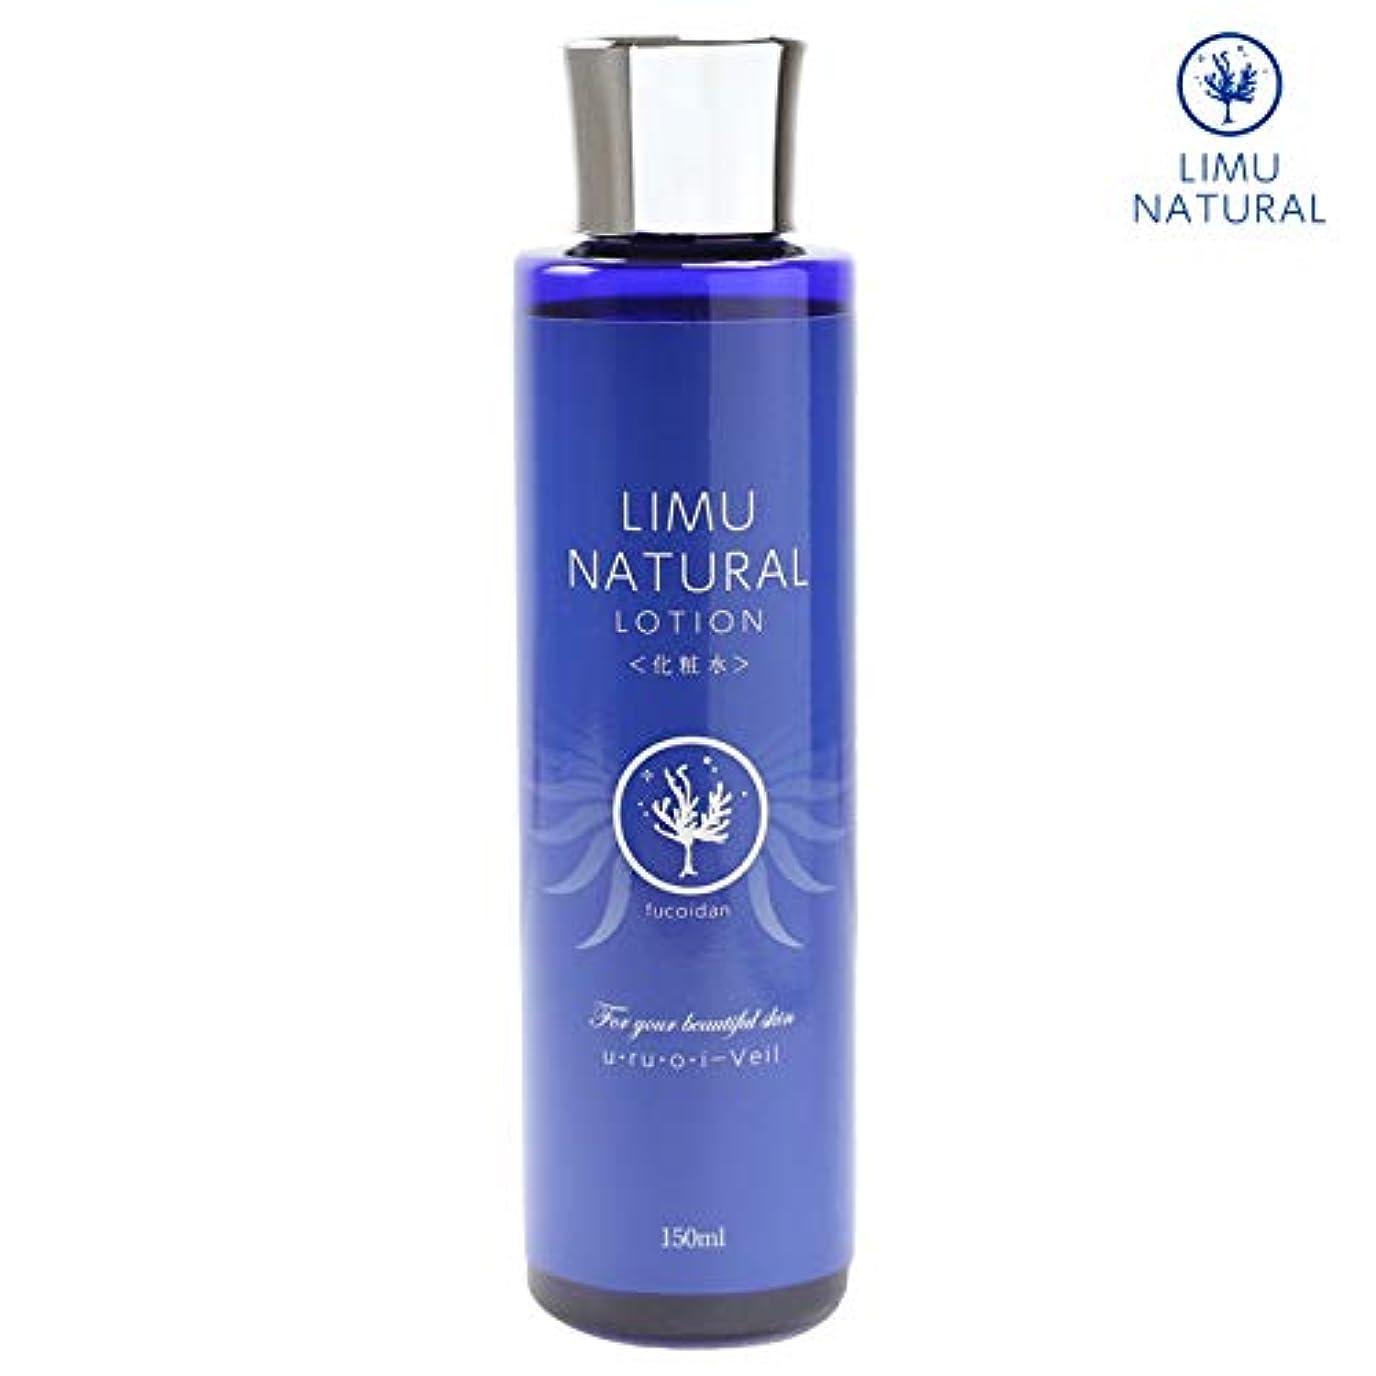 ロイヤリティ灌漑顕現リムナチュラル 化粧水 LIMU NATURAL LOTION (150ml) 海の恵「フコイダン」と大地の恵「グリセリルグルコシド」を贅沢に配合